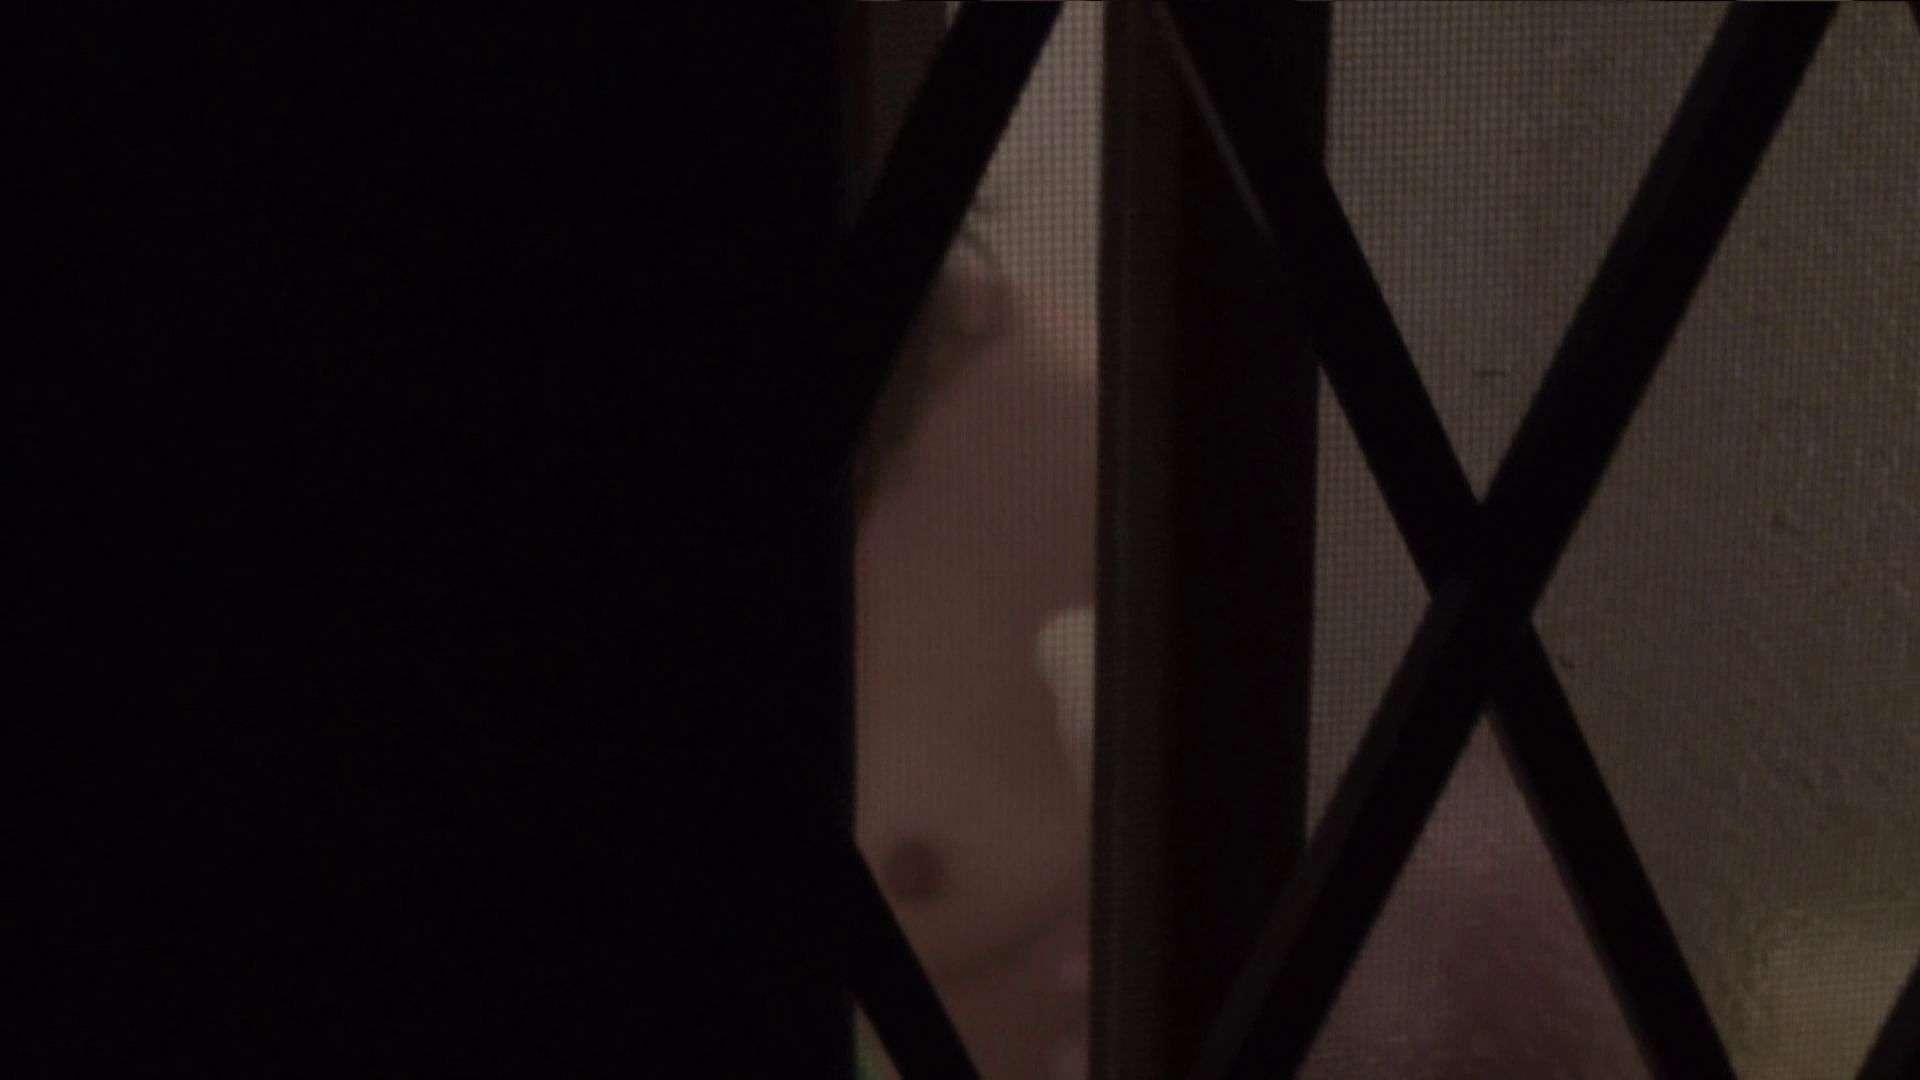 民家の騎士さんの最後の性戦ハイビジョン!!No.50 民家 AV無料動画キャプチャ 83画像 59